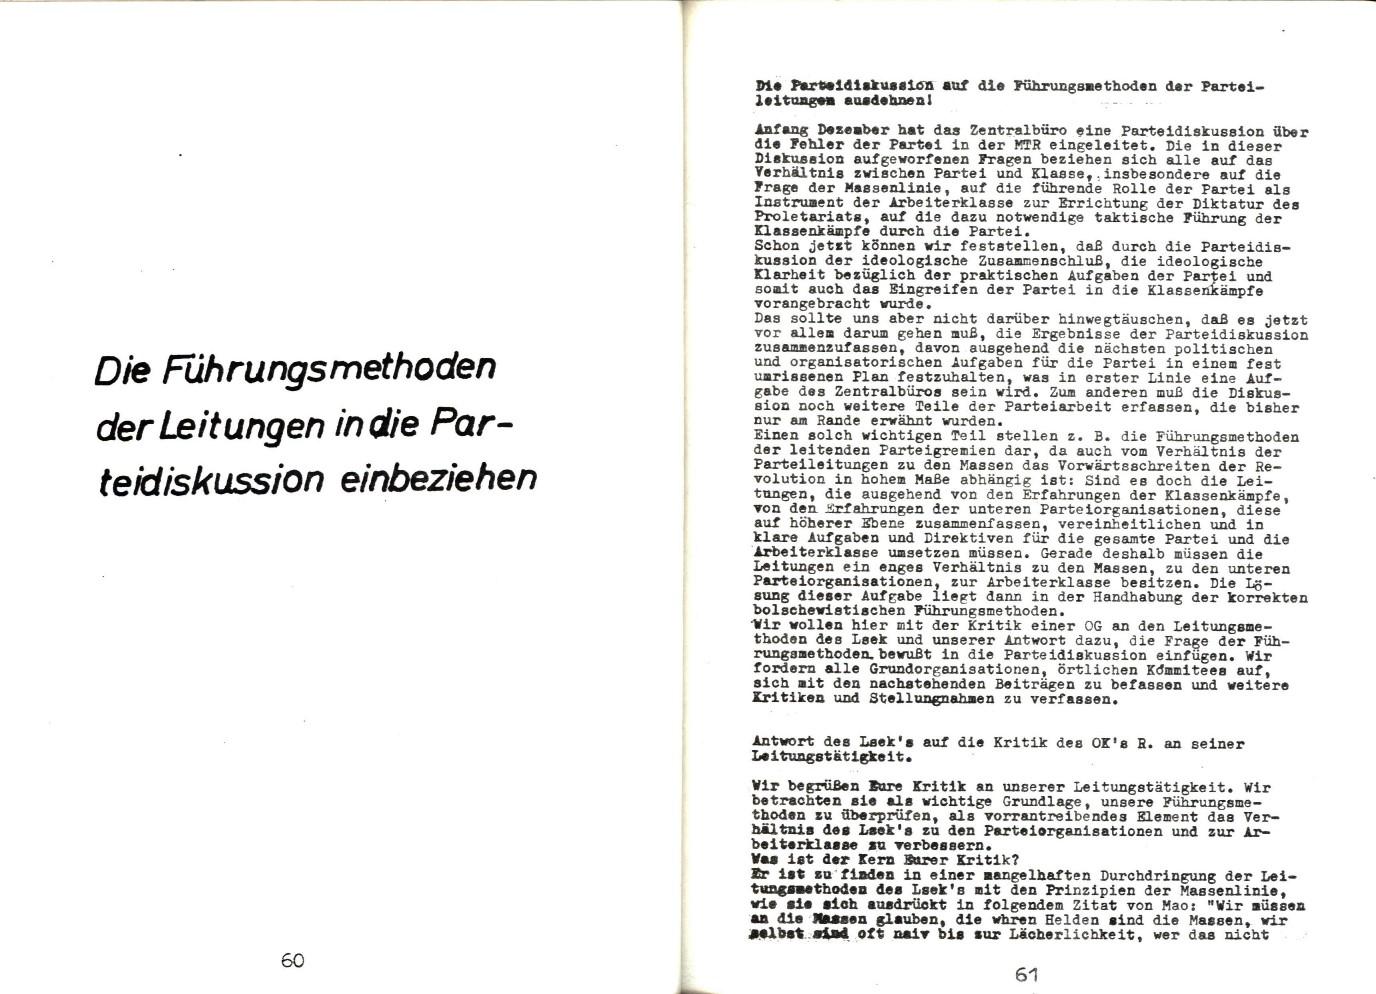 NRW_KPDML_Der_Bolschewist_1972_04_32